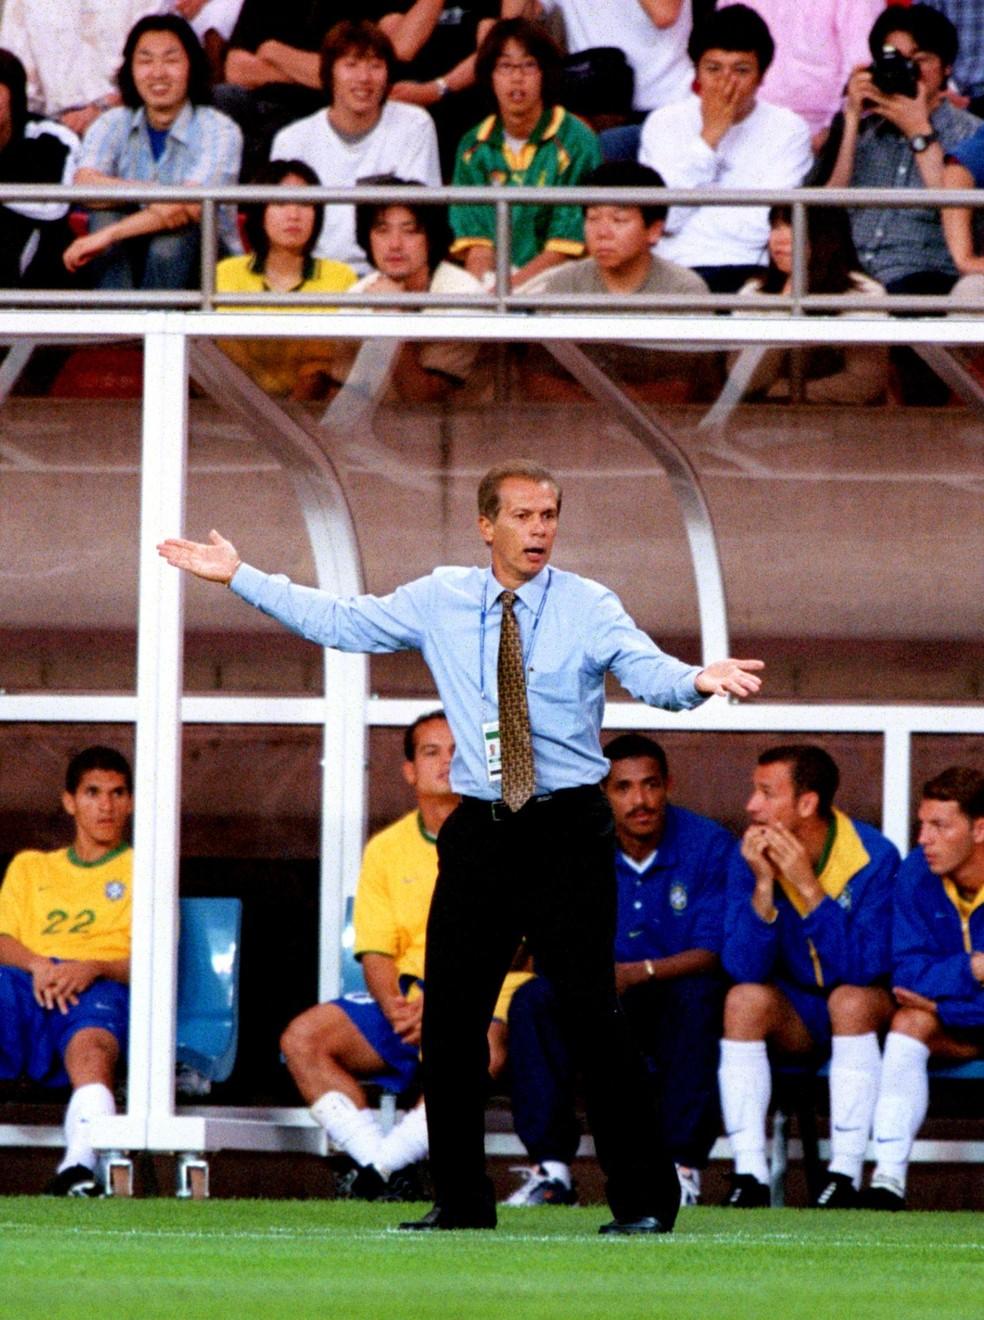 Emerson Leão Brasil x Camarões Copa das Confederações 2001  — Foto: Tony Marshall/EMPICS via Getty Images